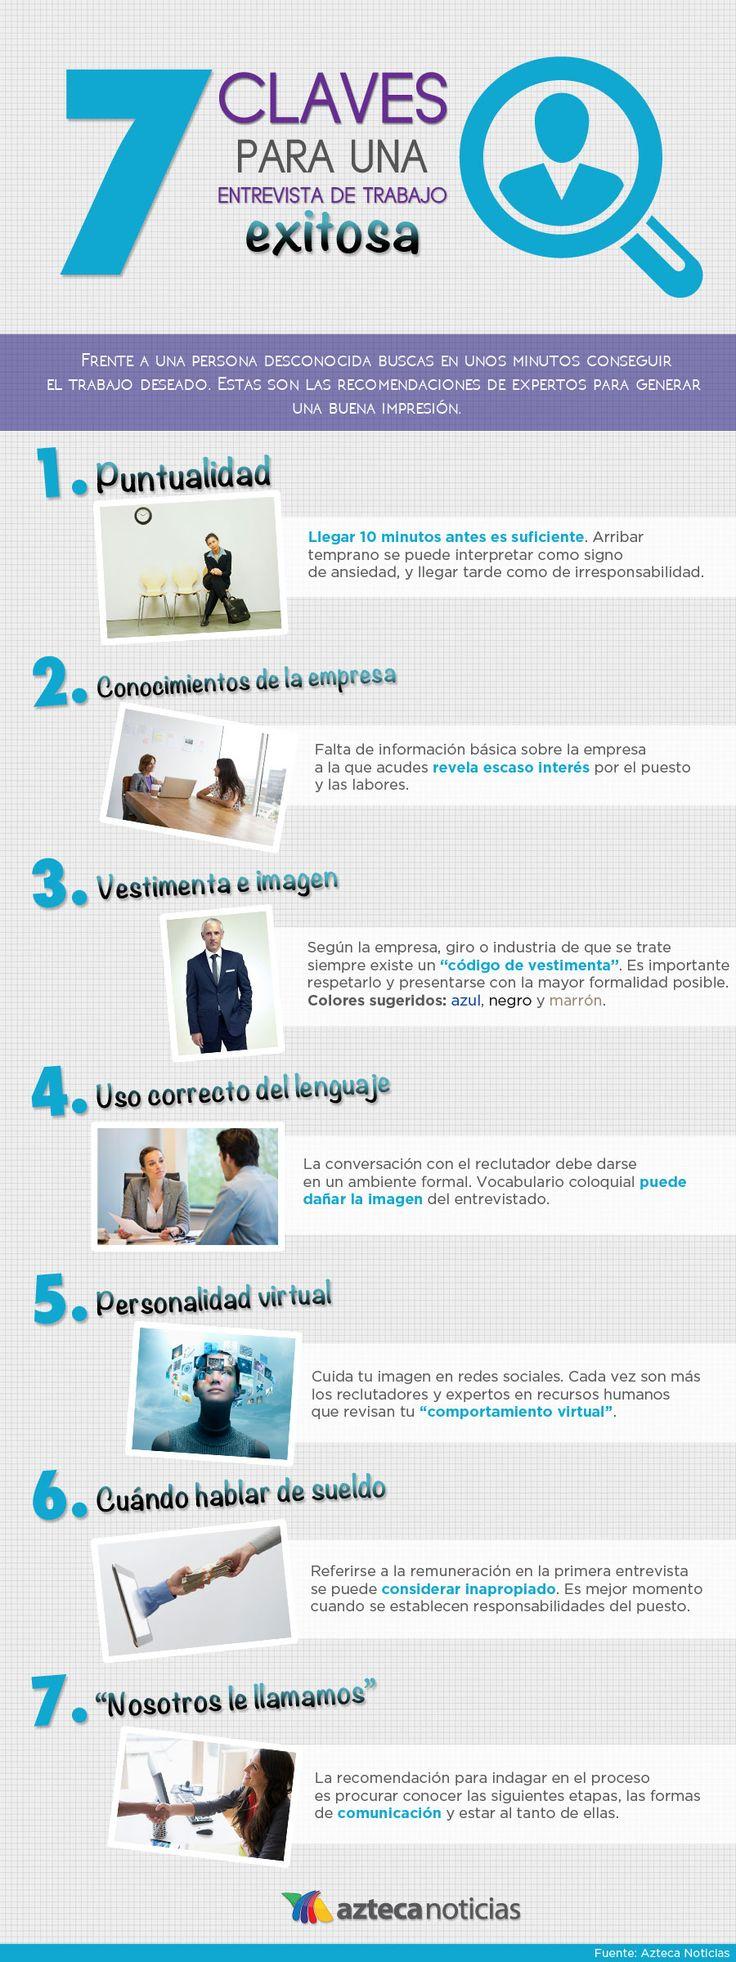 7 claves para una entrevista de trabajo exitosa #infografia